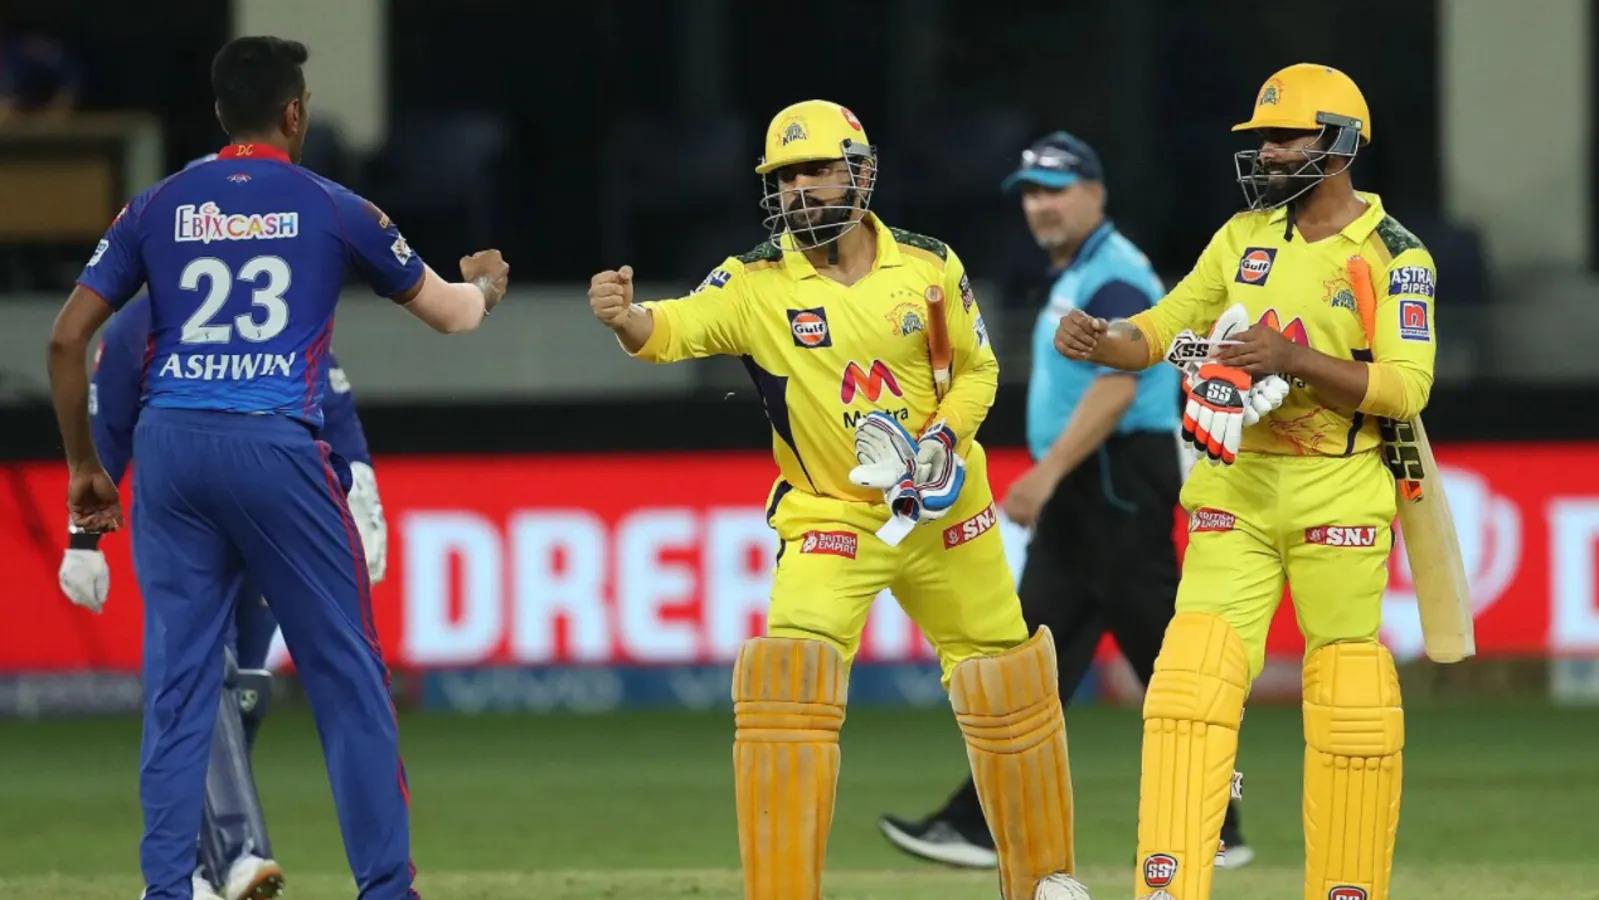 IPL 2021: चेन्नई सुपर किंग्स की जीत के लिए फूट-फूट पर रोने वाले लड़की ने जीता माही का दिल, मैच के बाद धोनी से मिला ख़ास गिफ्ट 3